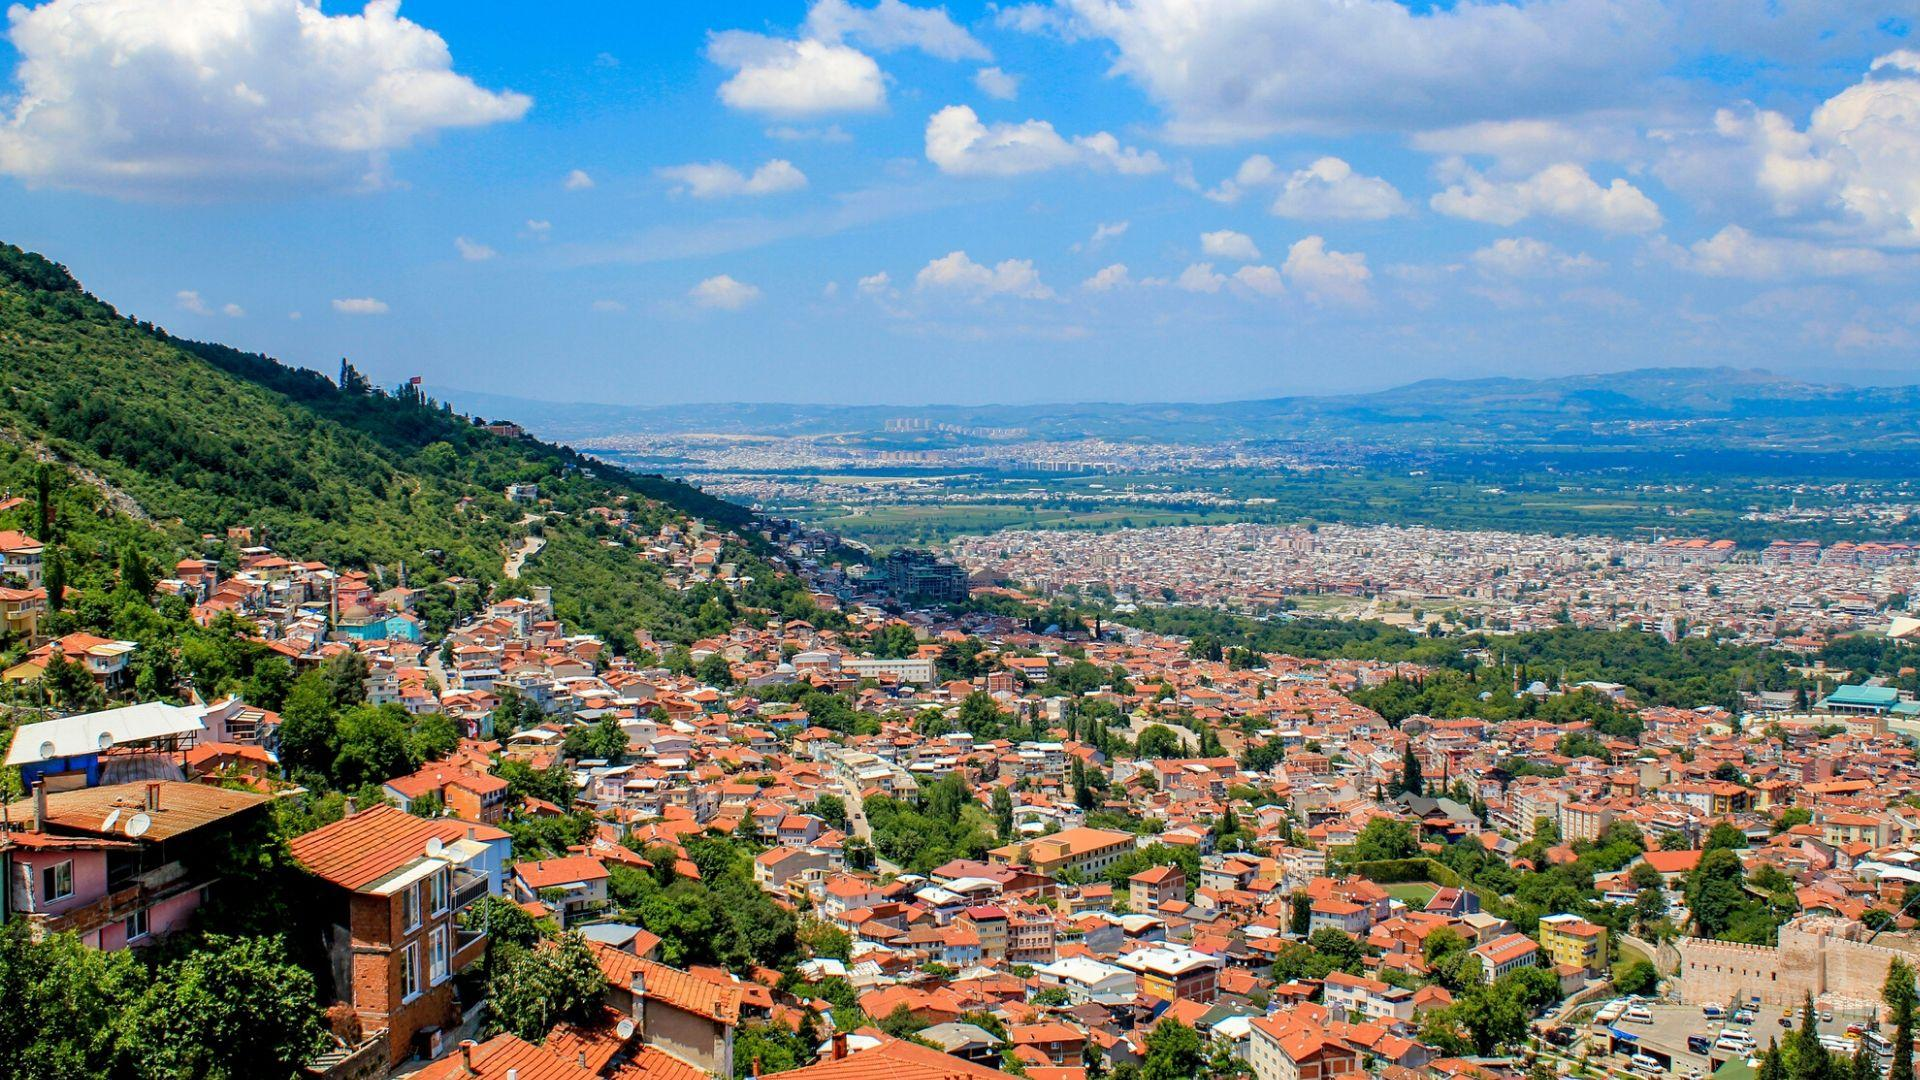 Pažintinės kelionės į Turkiją metu aplankysite Bursą - pirmąją Osmanų imperijos sostinę